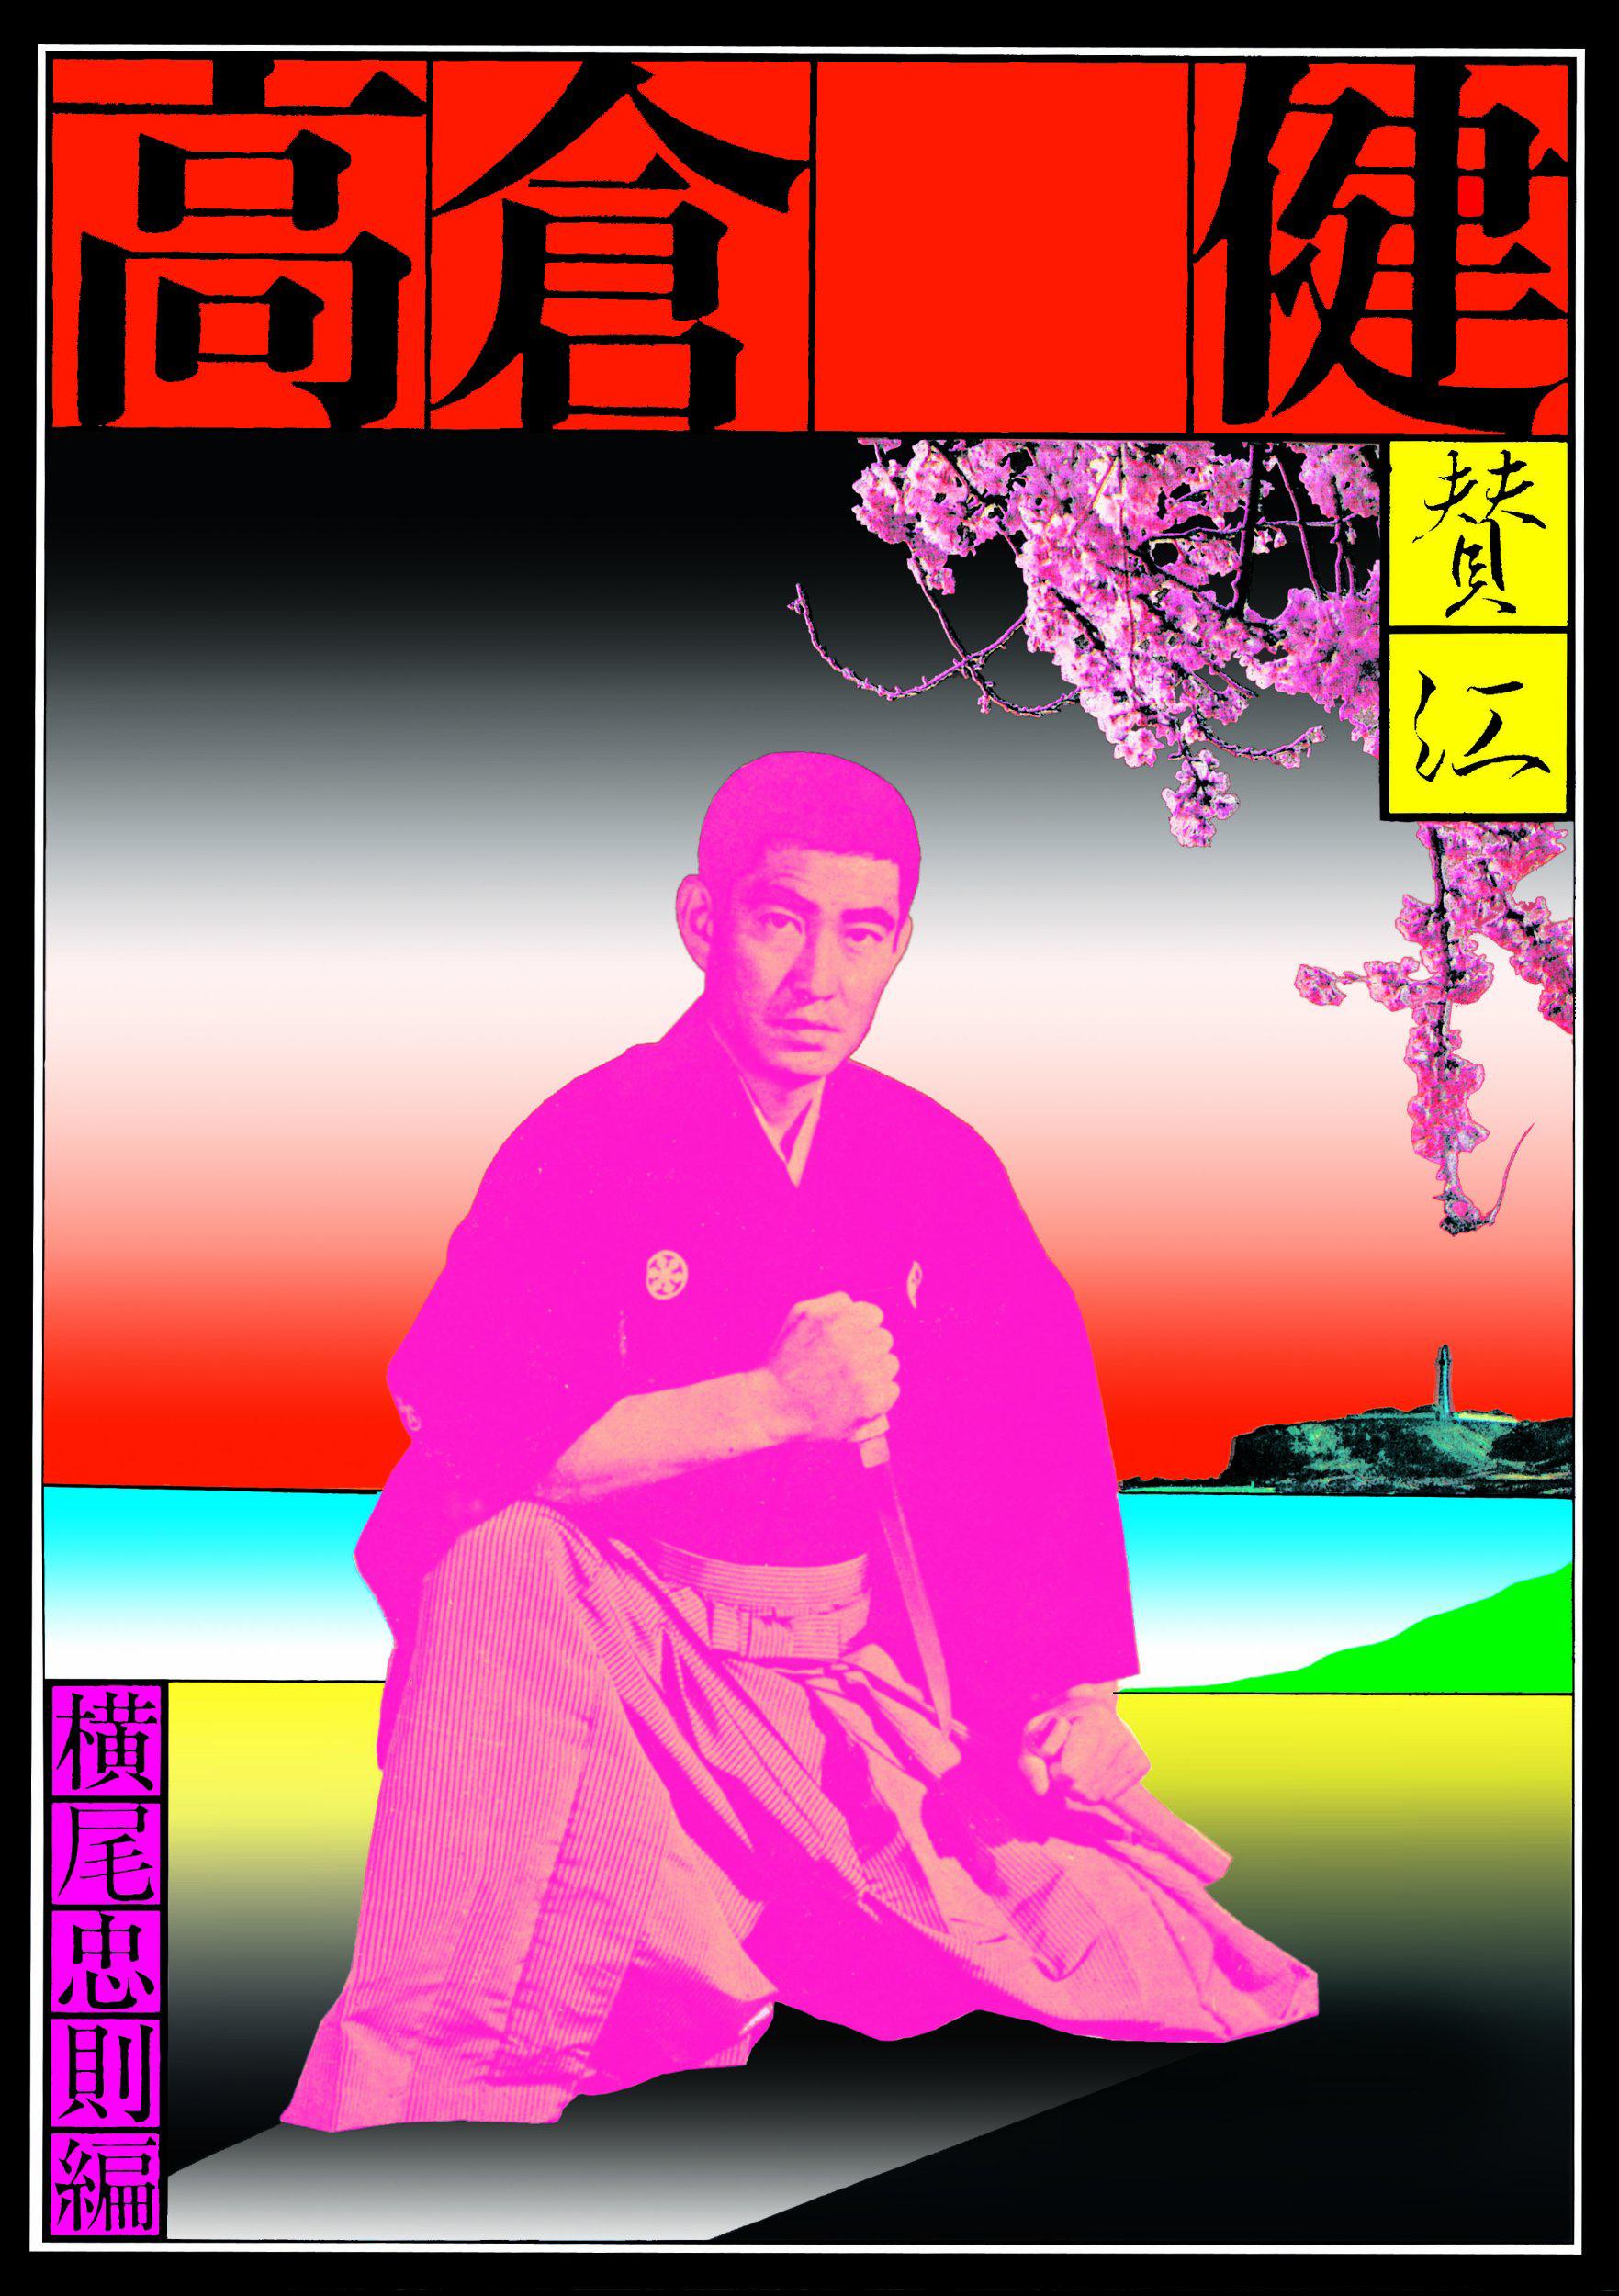 高倉健vs横尾忠則